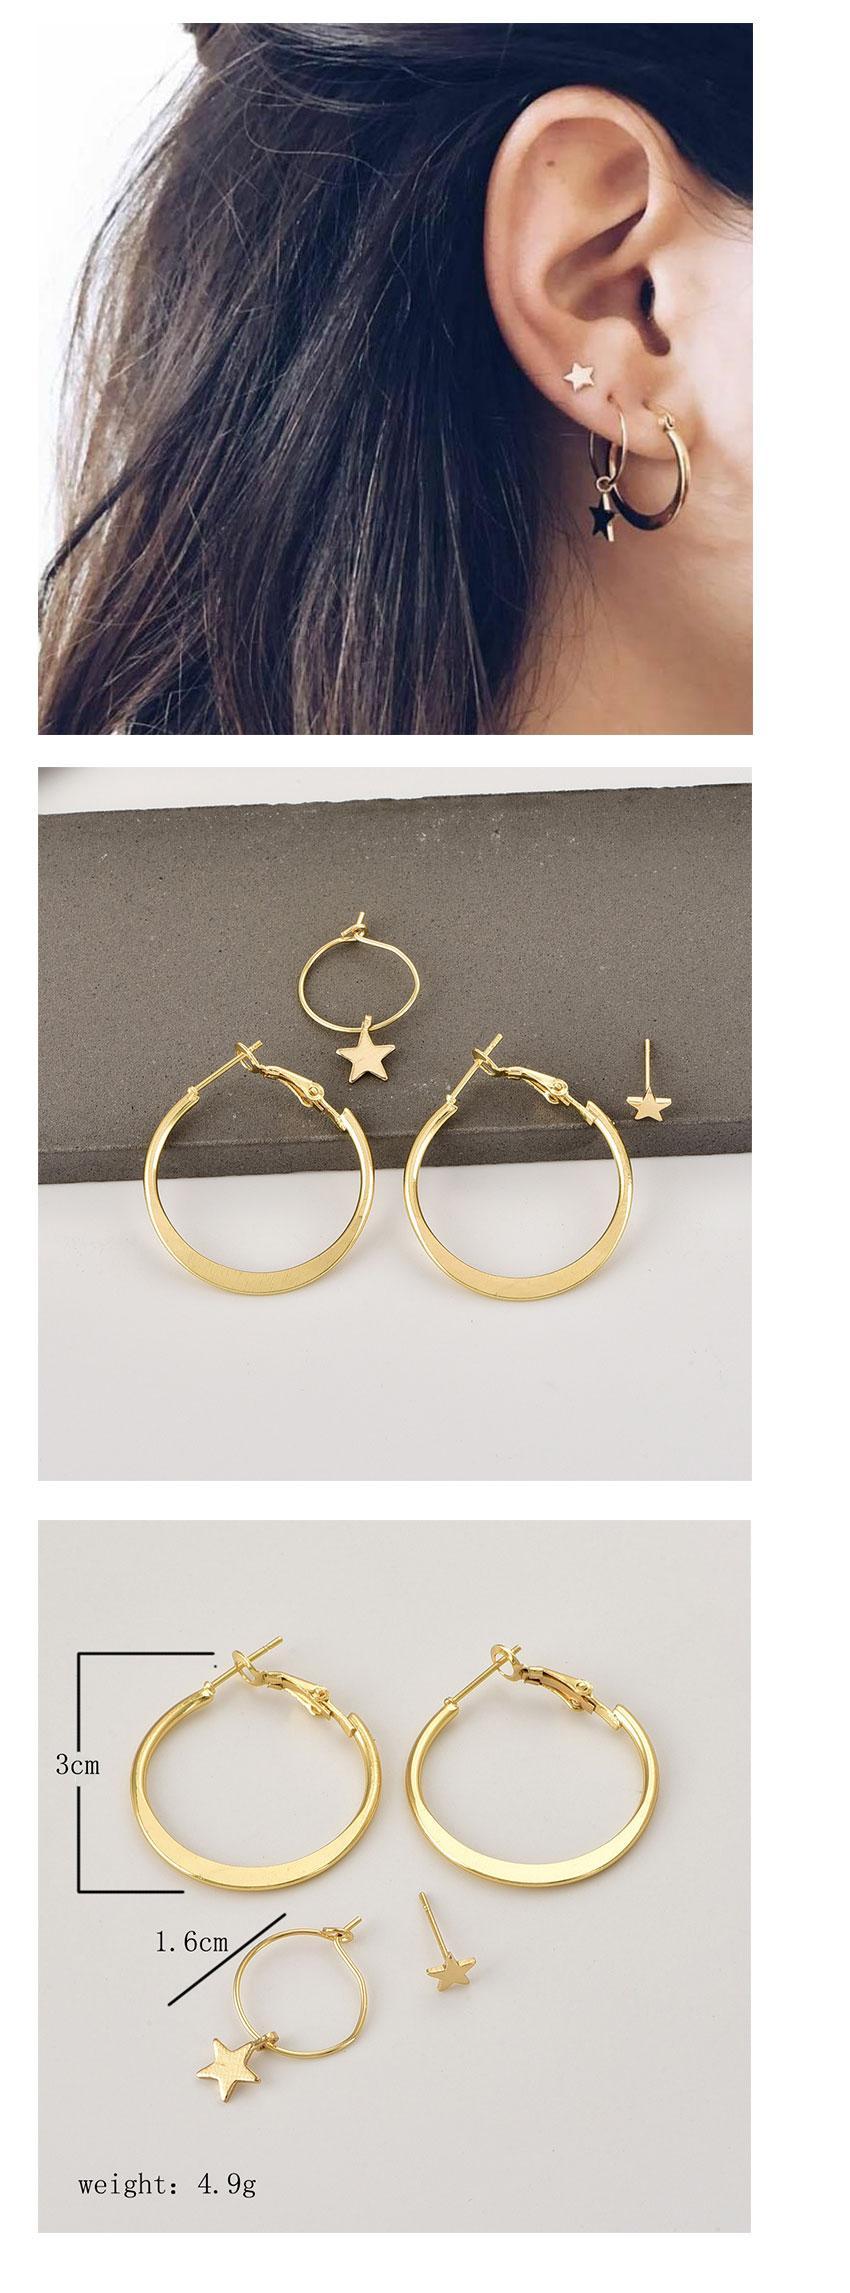 2018 Einfache Gold Star Ohrstecker für Frauen Ohrringe brincos Ohrringe Boucle d'oreille pendientes bijoux